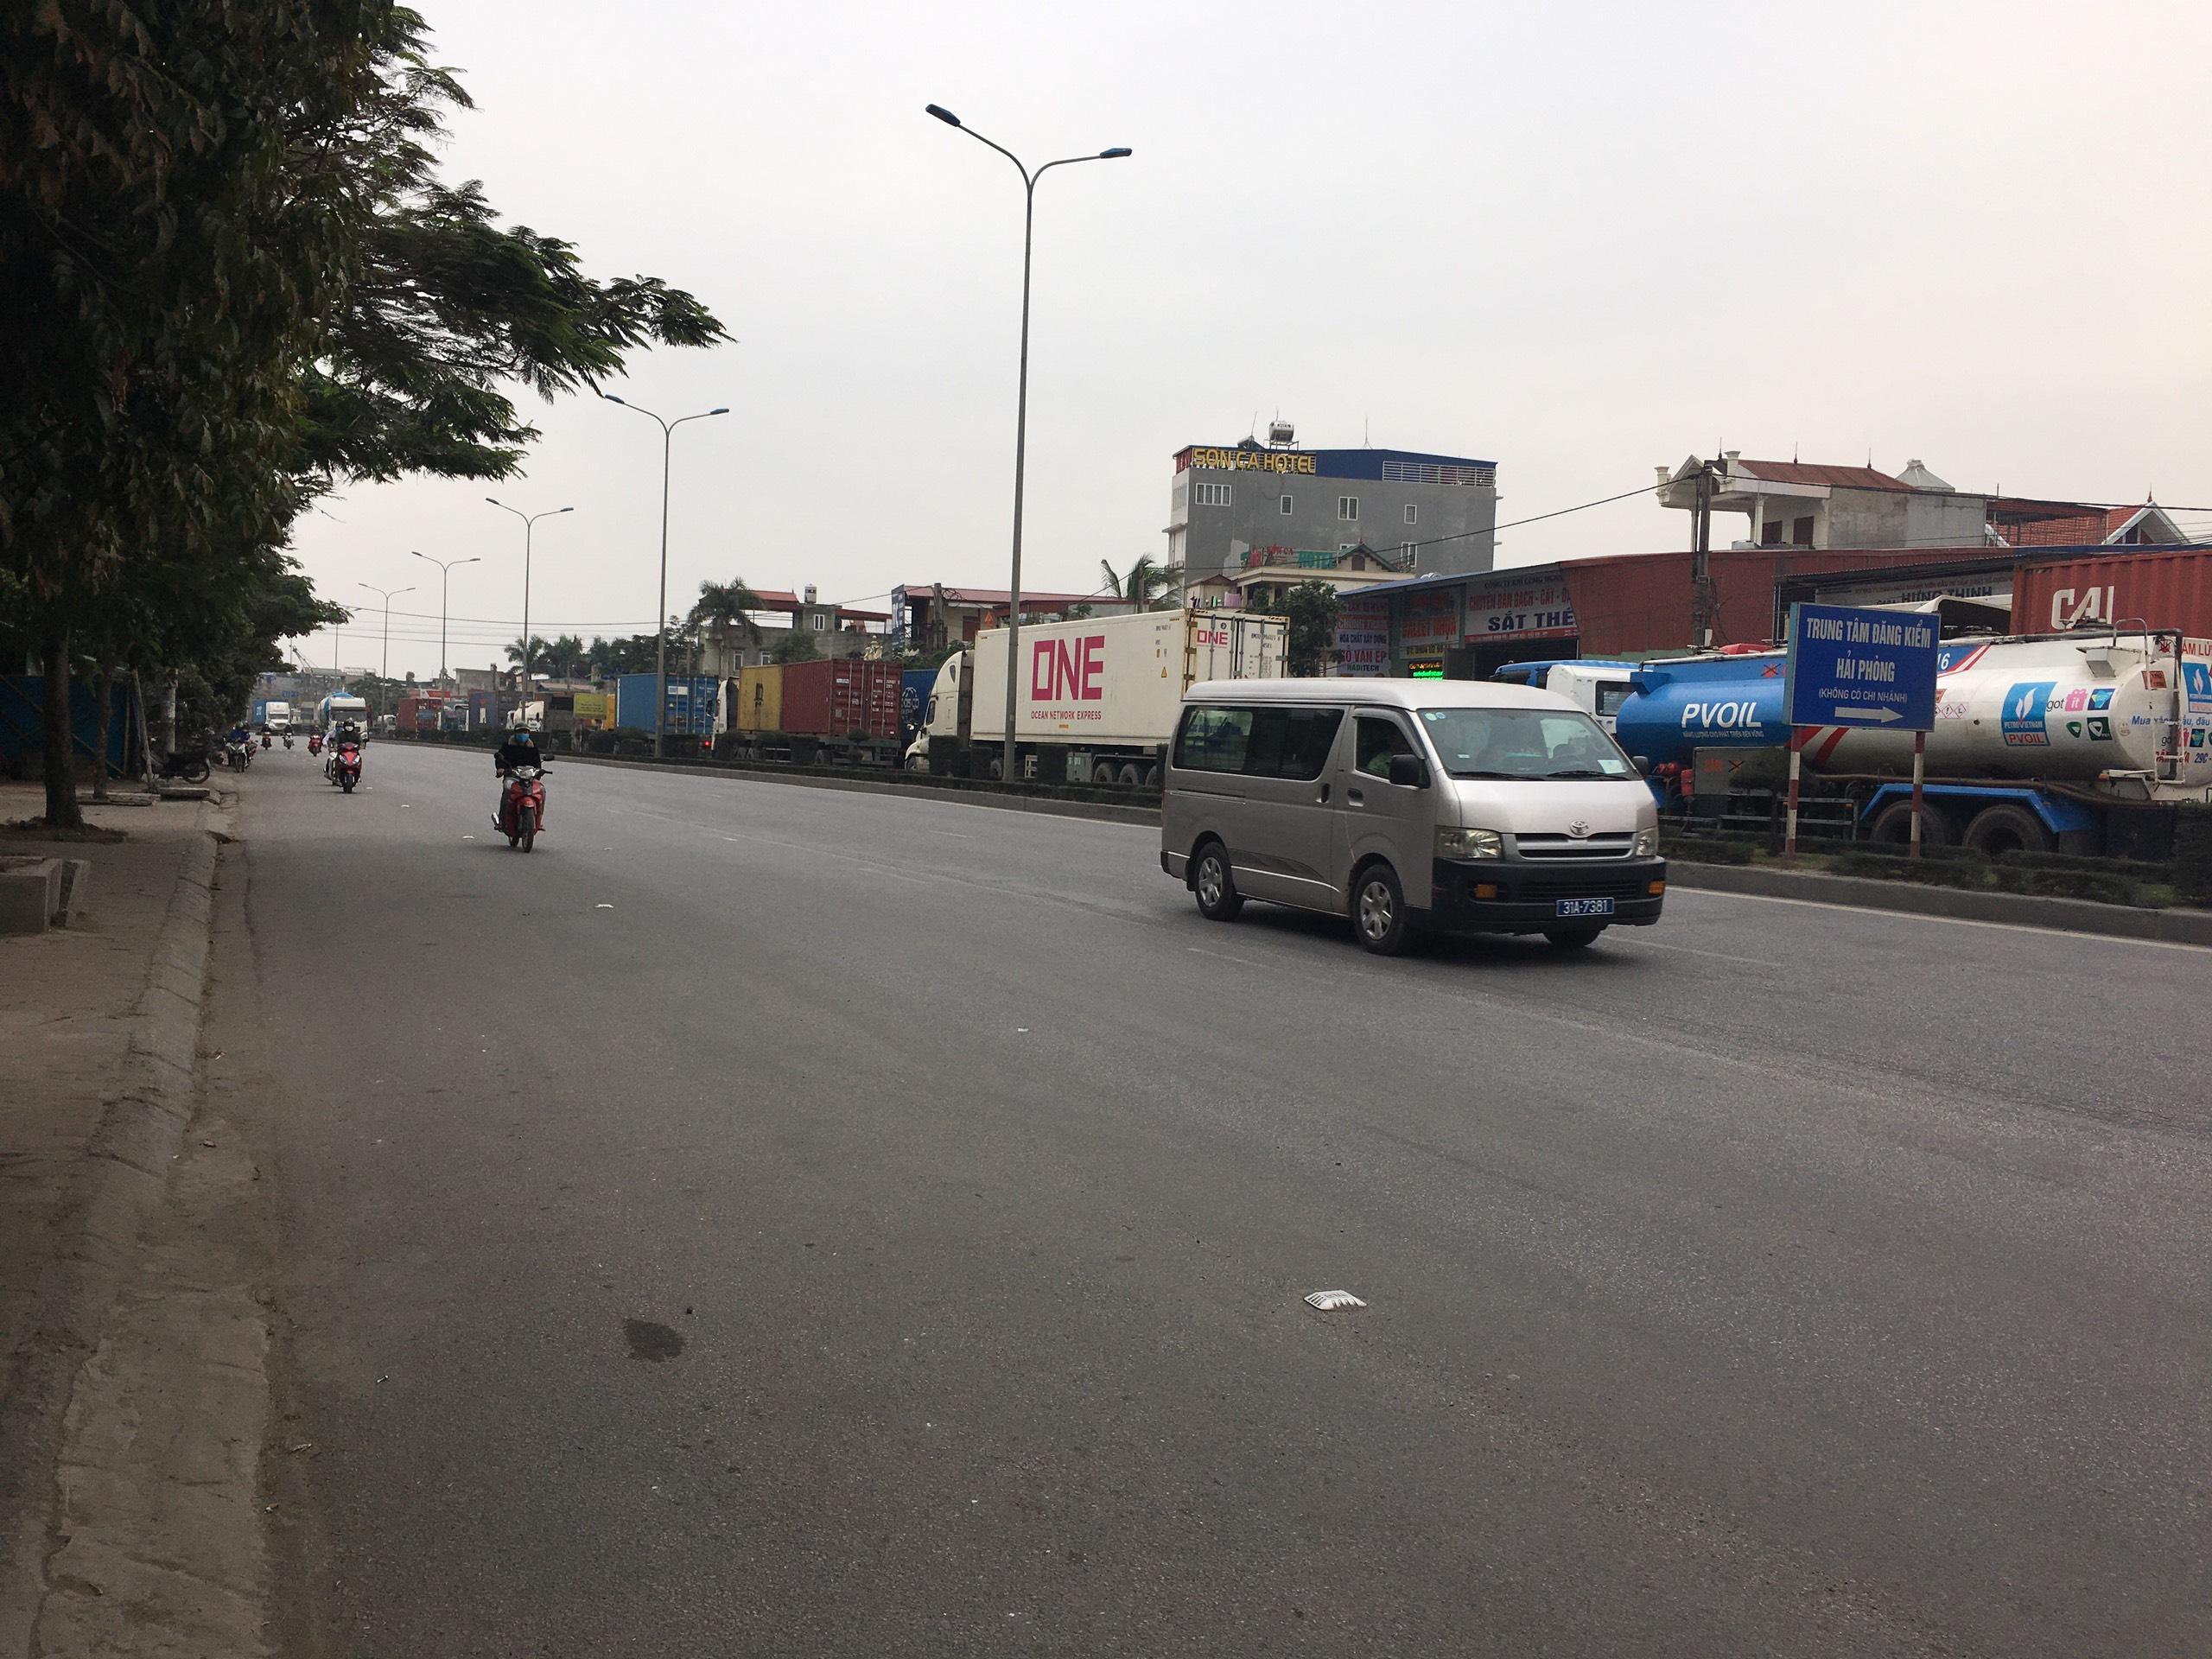 Chuyển nhượng lô đất mặt đường tuyến 2 đường bao Trần Hưng Đạo, Đông Hải 2, Hải An, Hải Phòng.